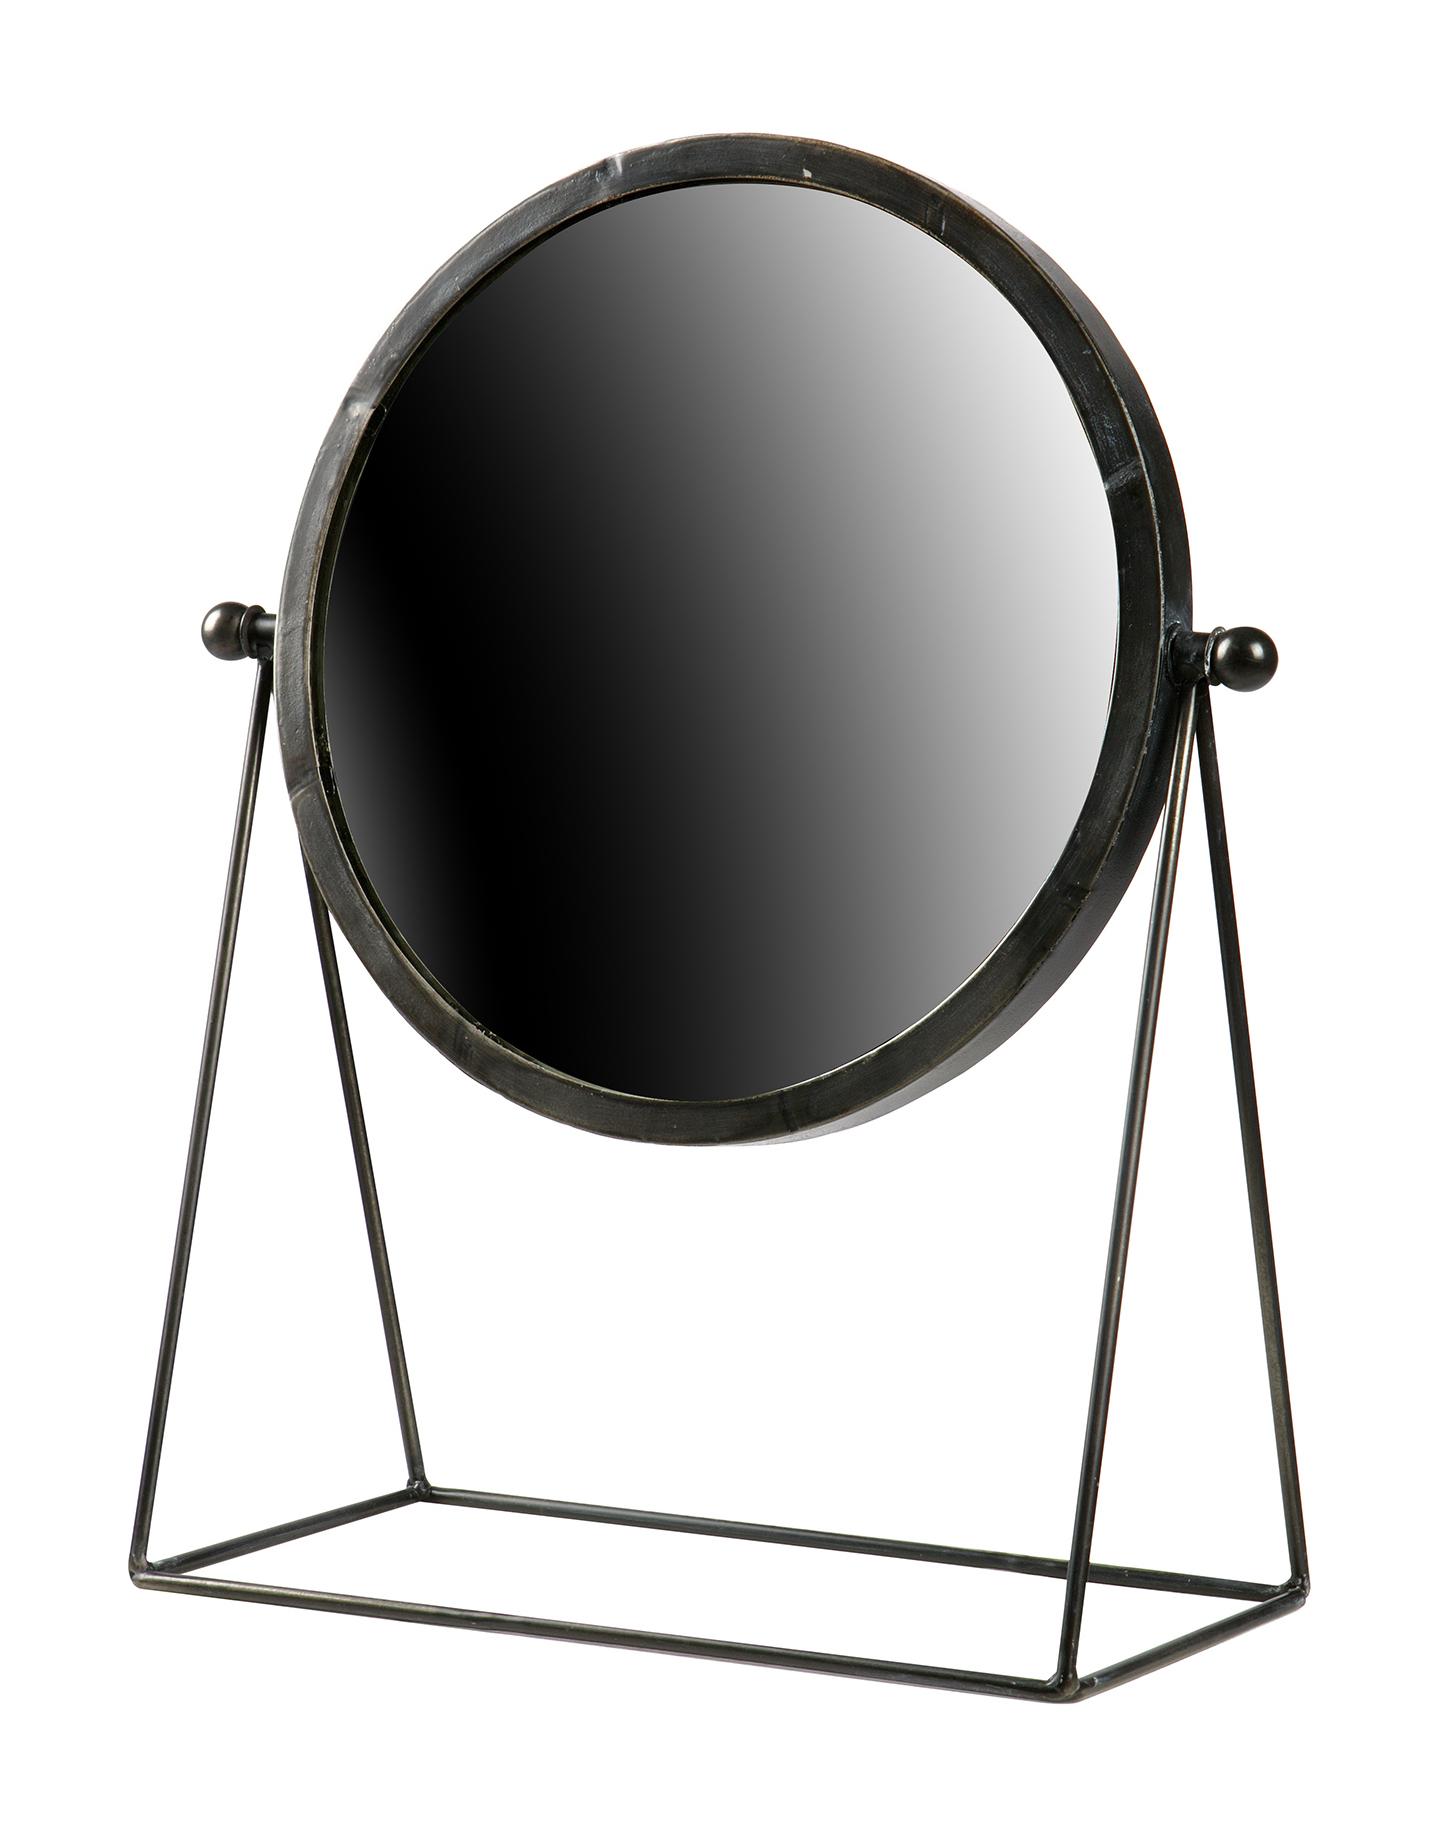 BePureHome Tafelspiegel 'Hi' Woonaccessoires | Spiegels kopen